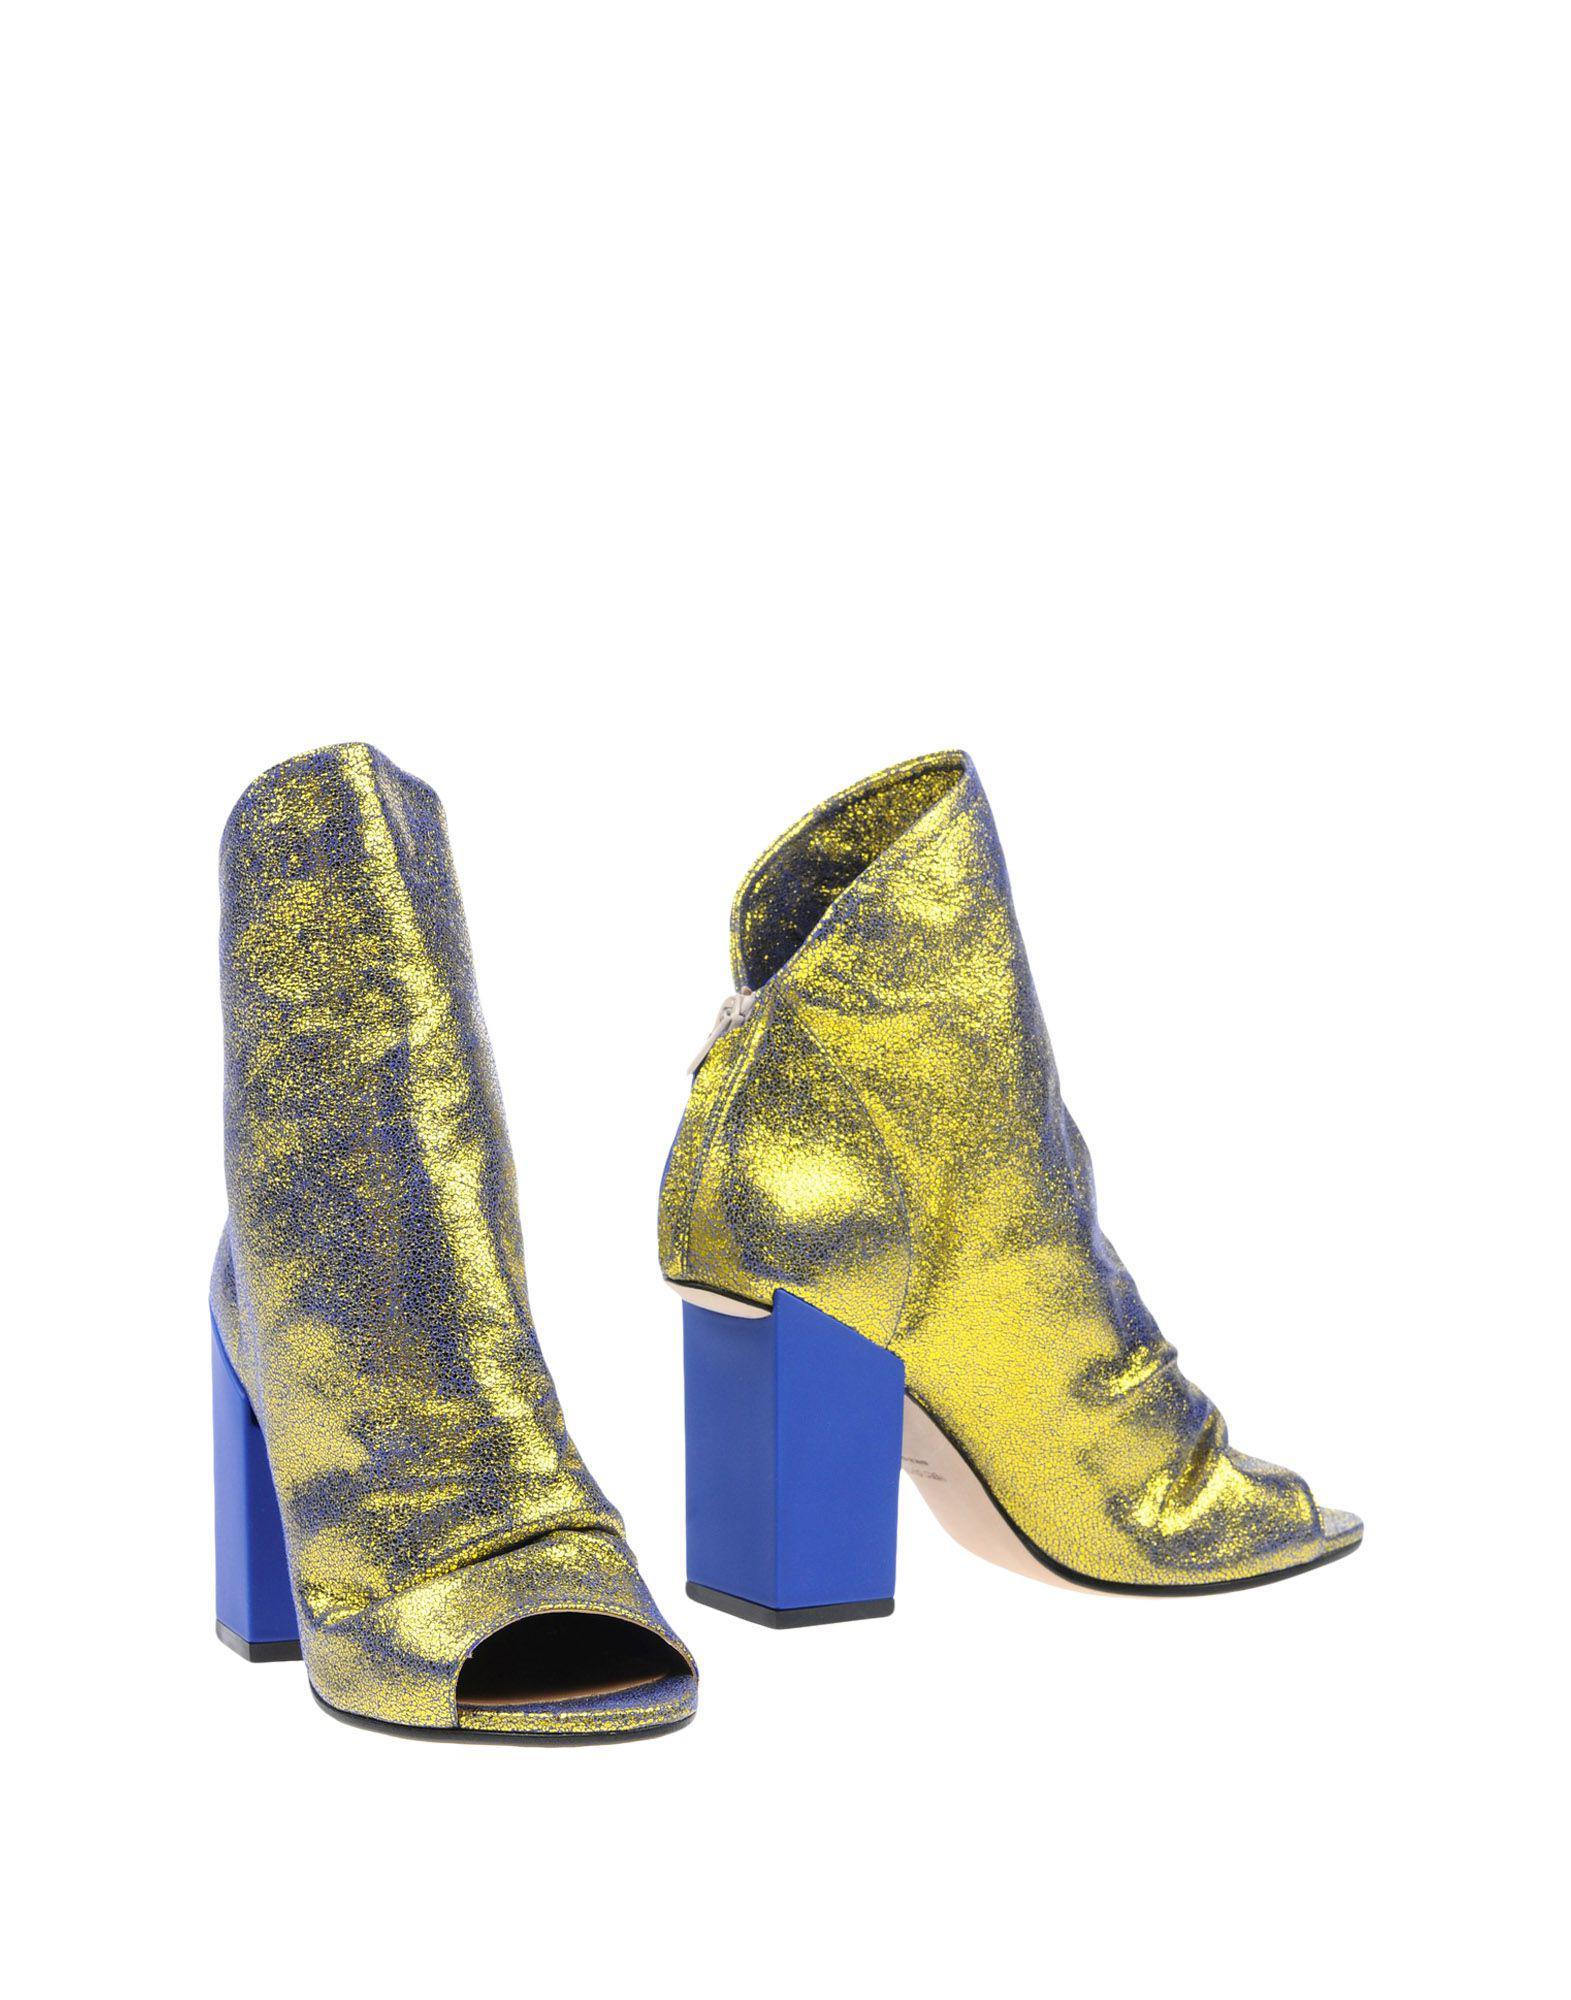 MARC ELLIS Ankle Boots Cheap Low Price xSIOuMjj2d